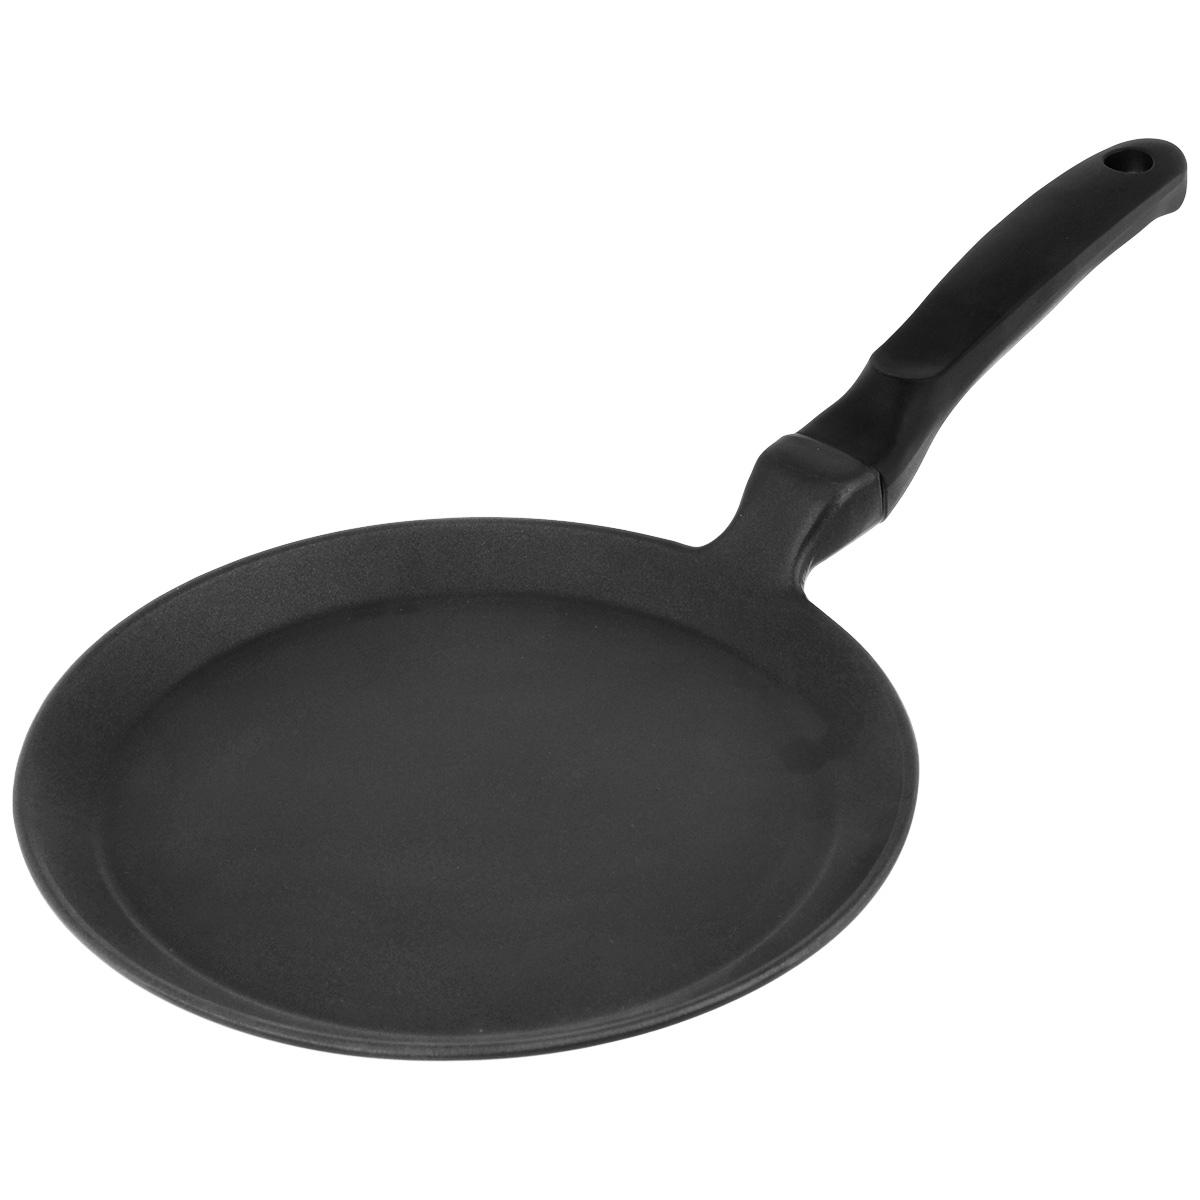 Сковорода блинная Risoli Saporella, с антипригарным покрытием. Диаметр 25 см000106/25T0FСковорода блинная Risoli Saporella изготовлена из литого алюминия с антипригарным покрытием. Сковорода идеальна для приготовления пищи с минимальным количеством масла. Изделие оснащено удобной бакелитовой ручкой.Подходит для газовых и электрических плит. Не подходит для индукционных плит. Можно мыть в посудомоечной машине.Диаметр (по верхнему краю): 25 см.Высота: 1,8 см.Длина ручки: 17 см.Толщина стенки: 4 мм.Толщина дна: 5 мм.